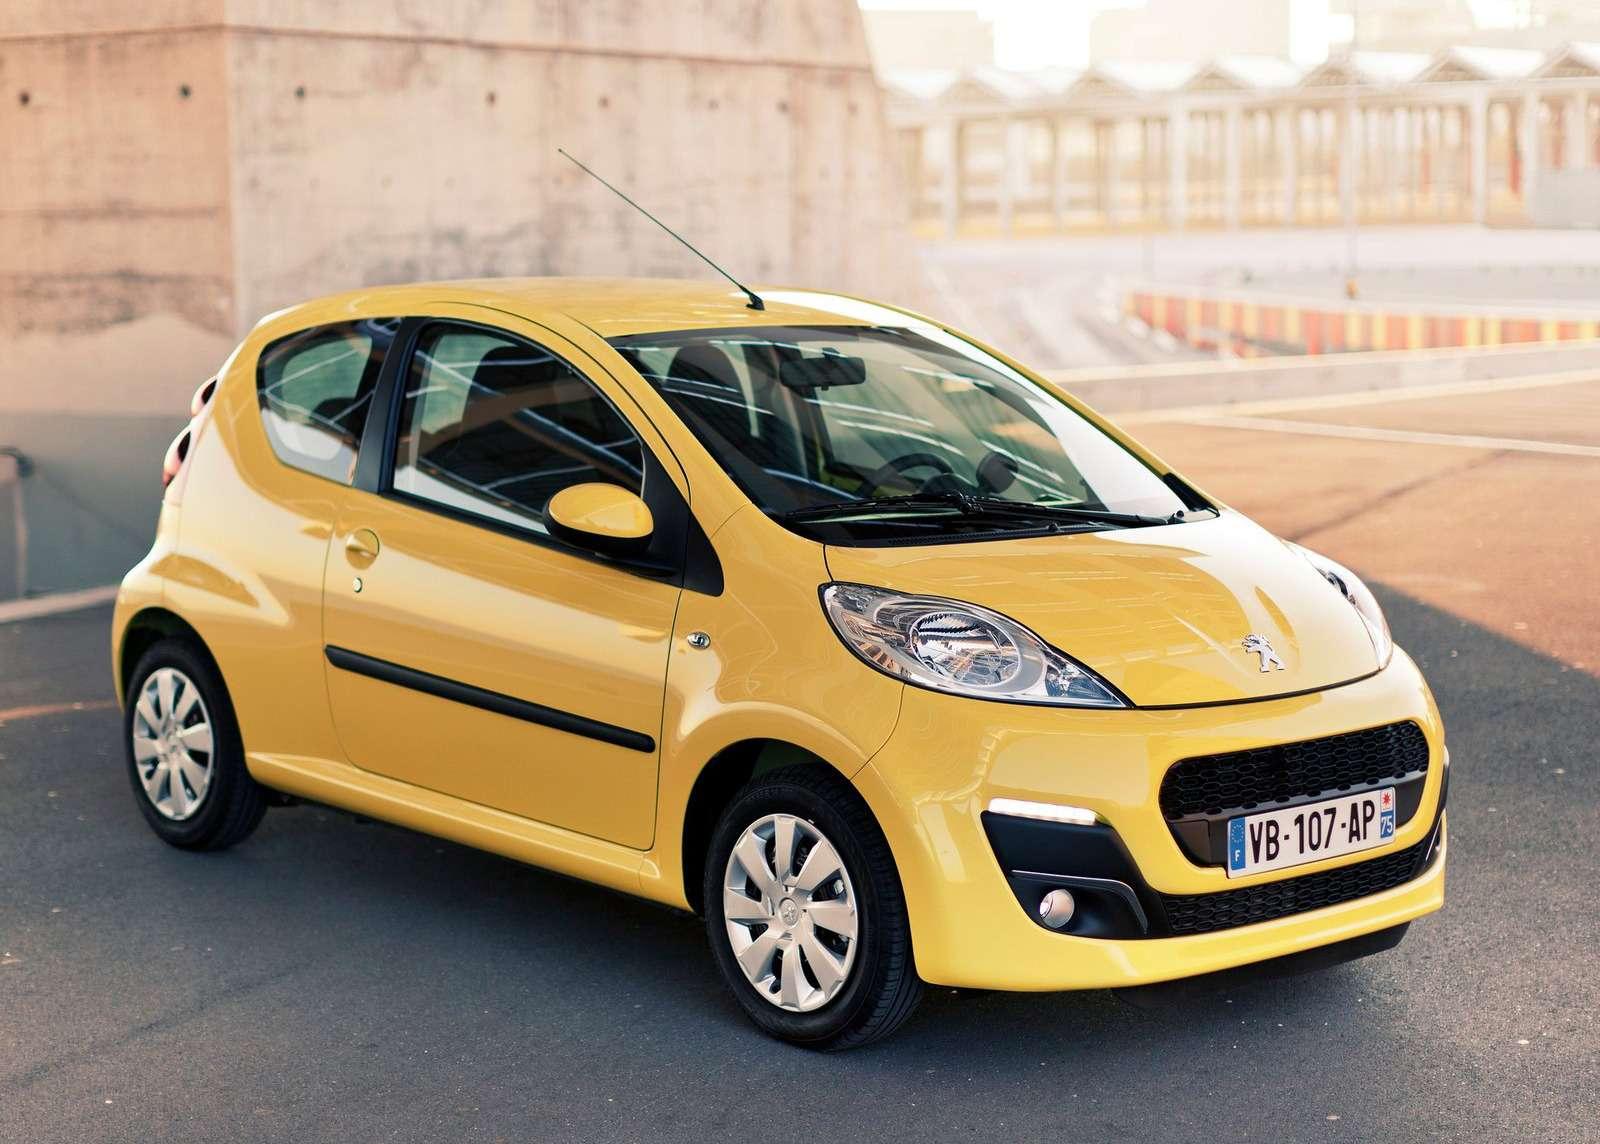 Peugeot-107_3-door_2013_1600x1200_wallpaper_01